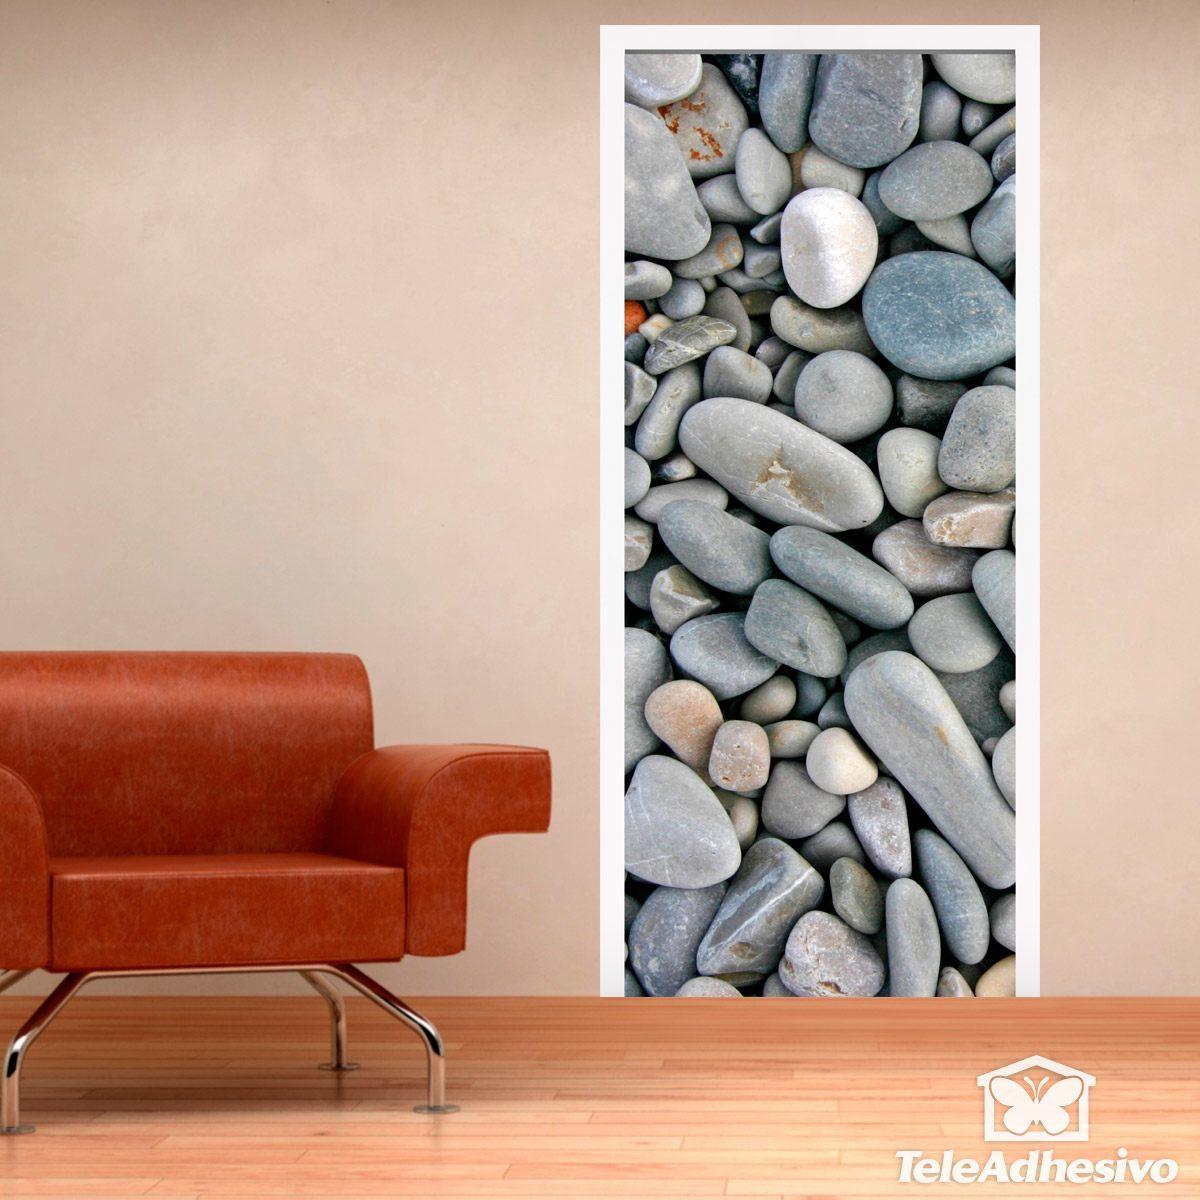 Adhesivos decorativos originales de puertas teleadhesivo for Vinilos decorativos puertas